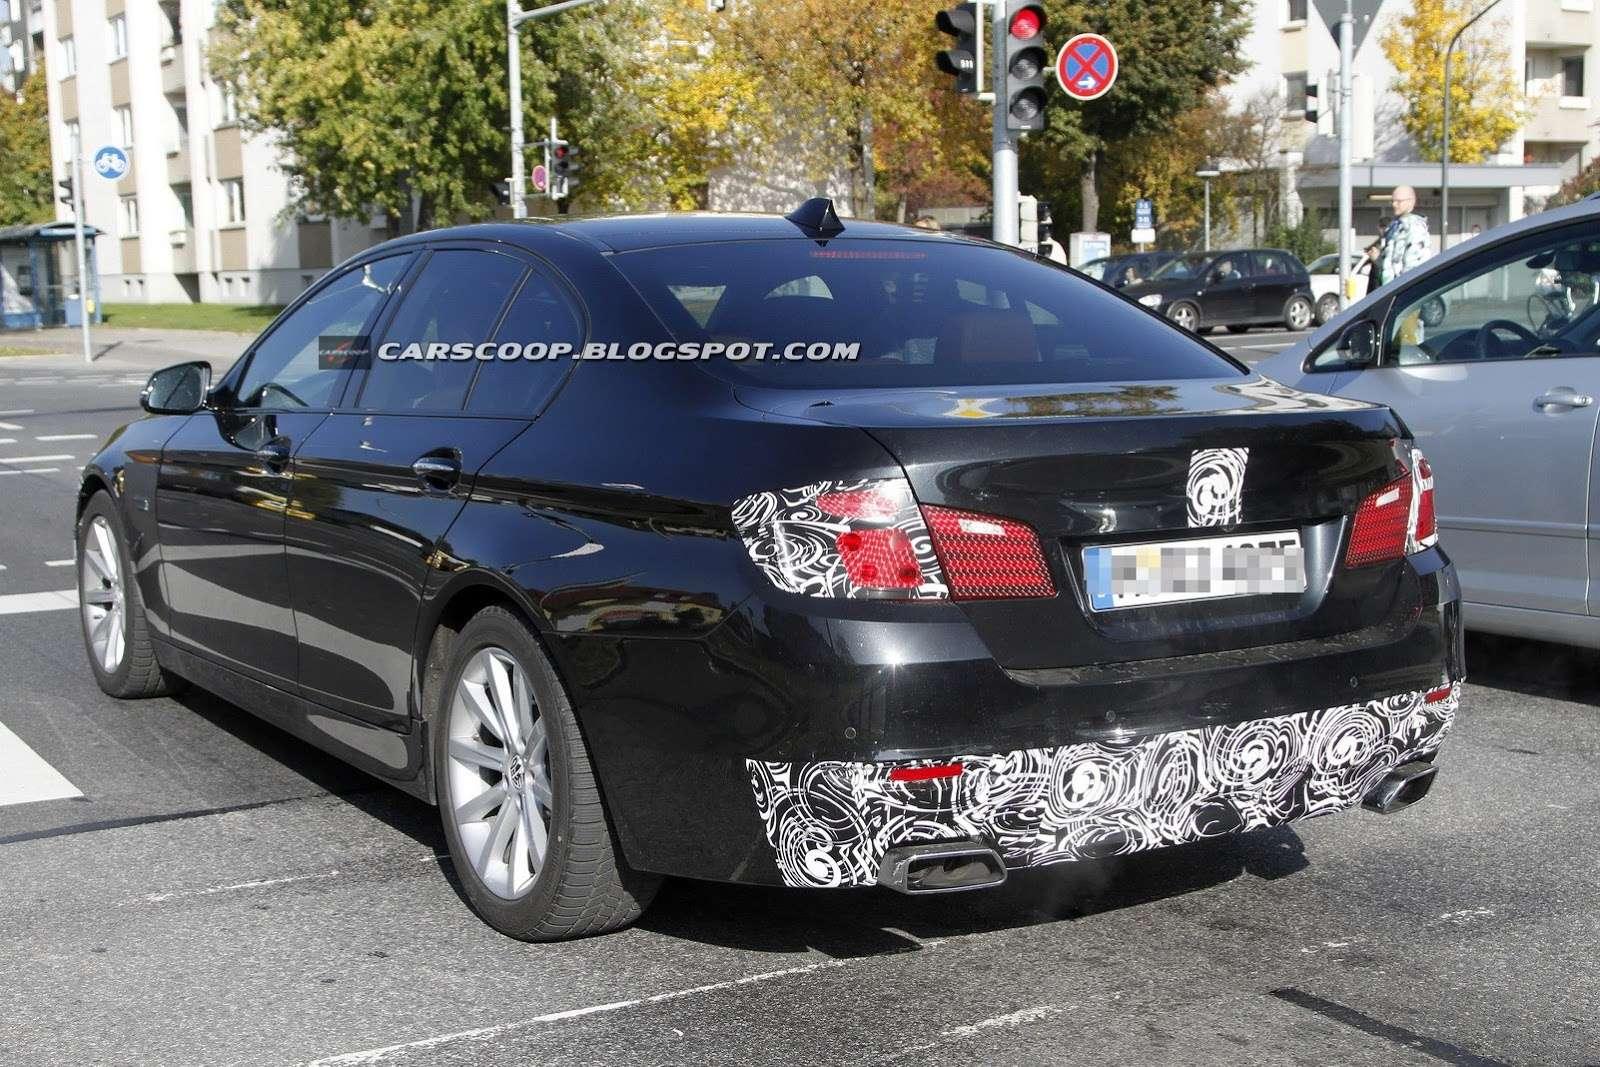 BMW serii 5 F10 2014 zdjęcia szpiegowskie